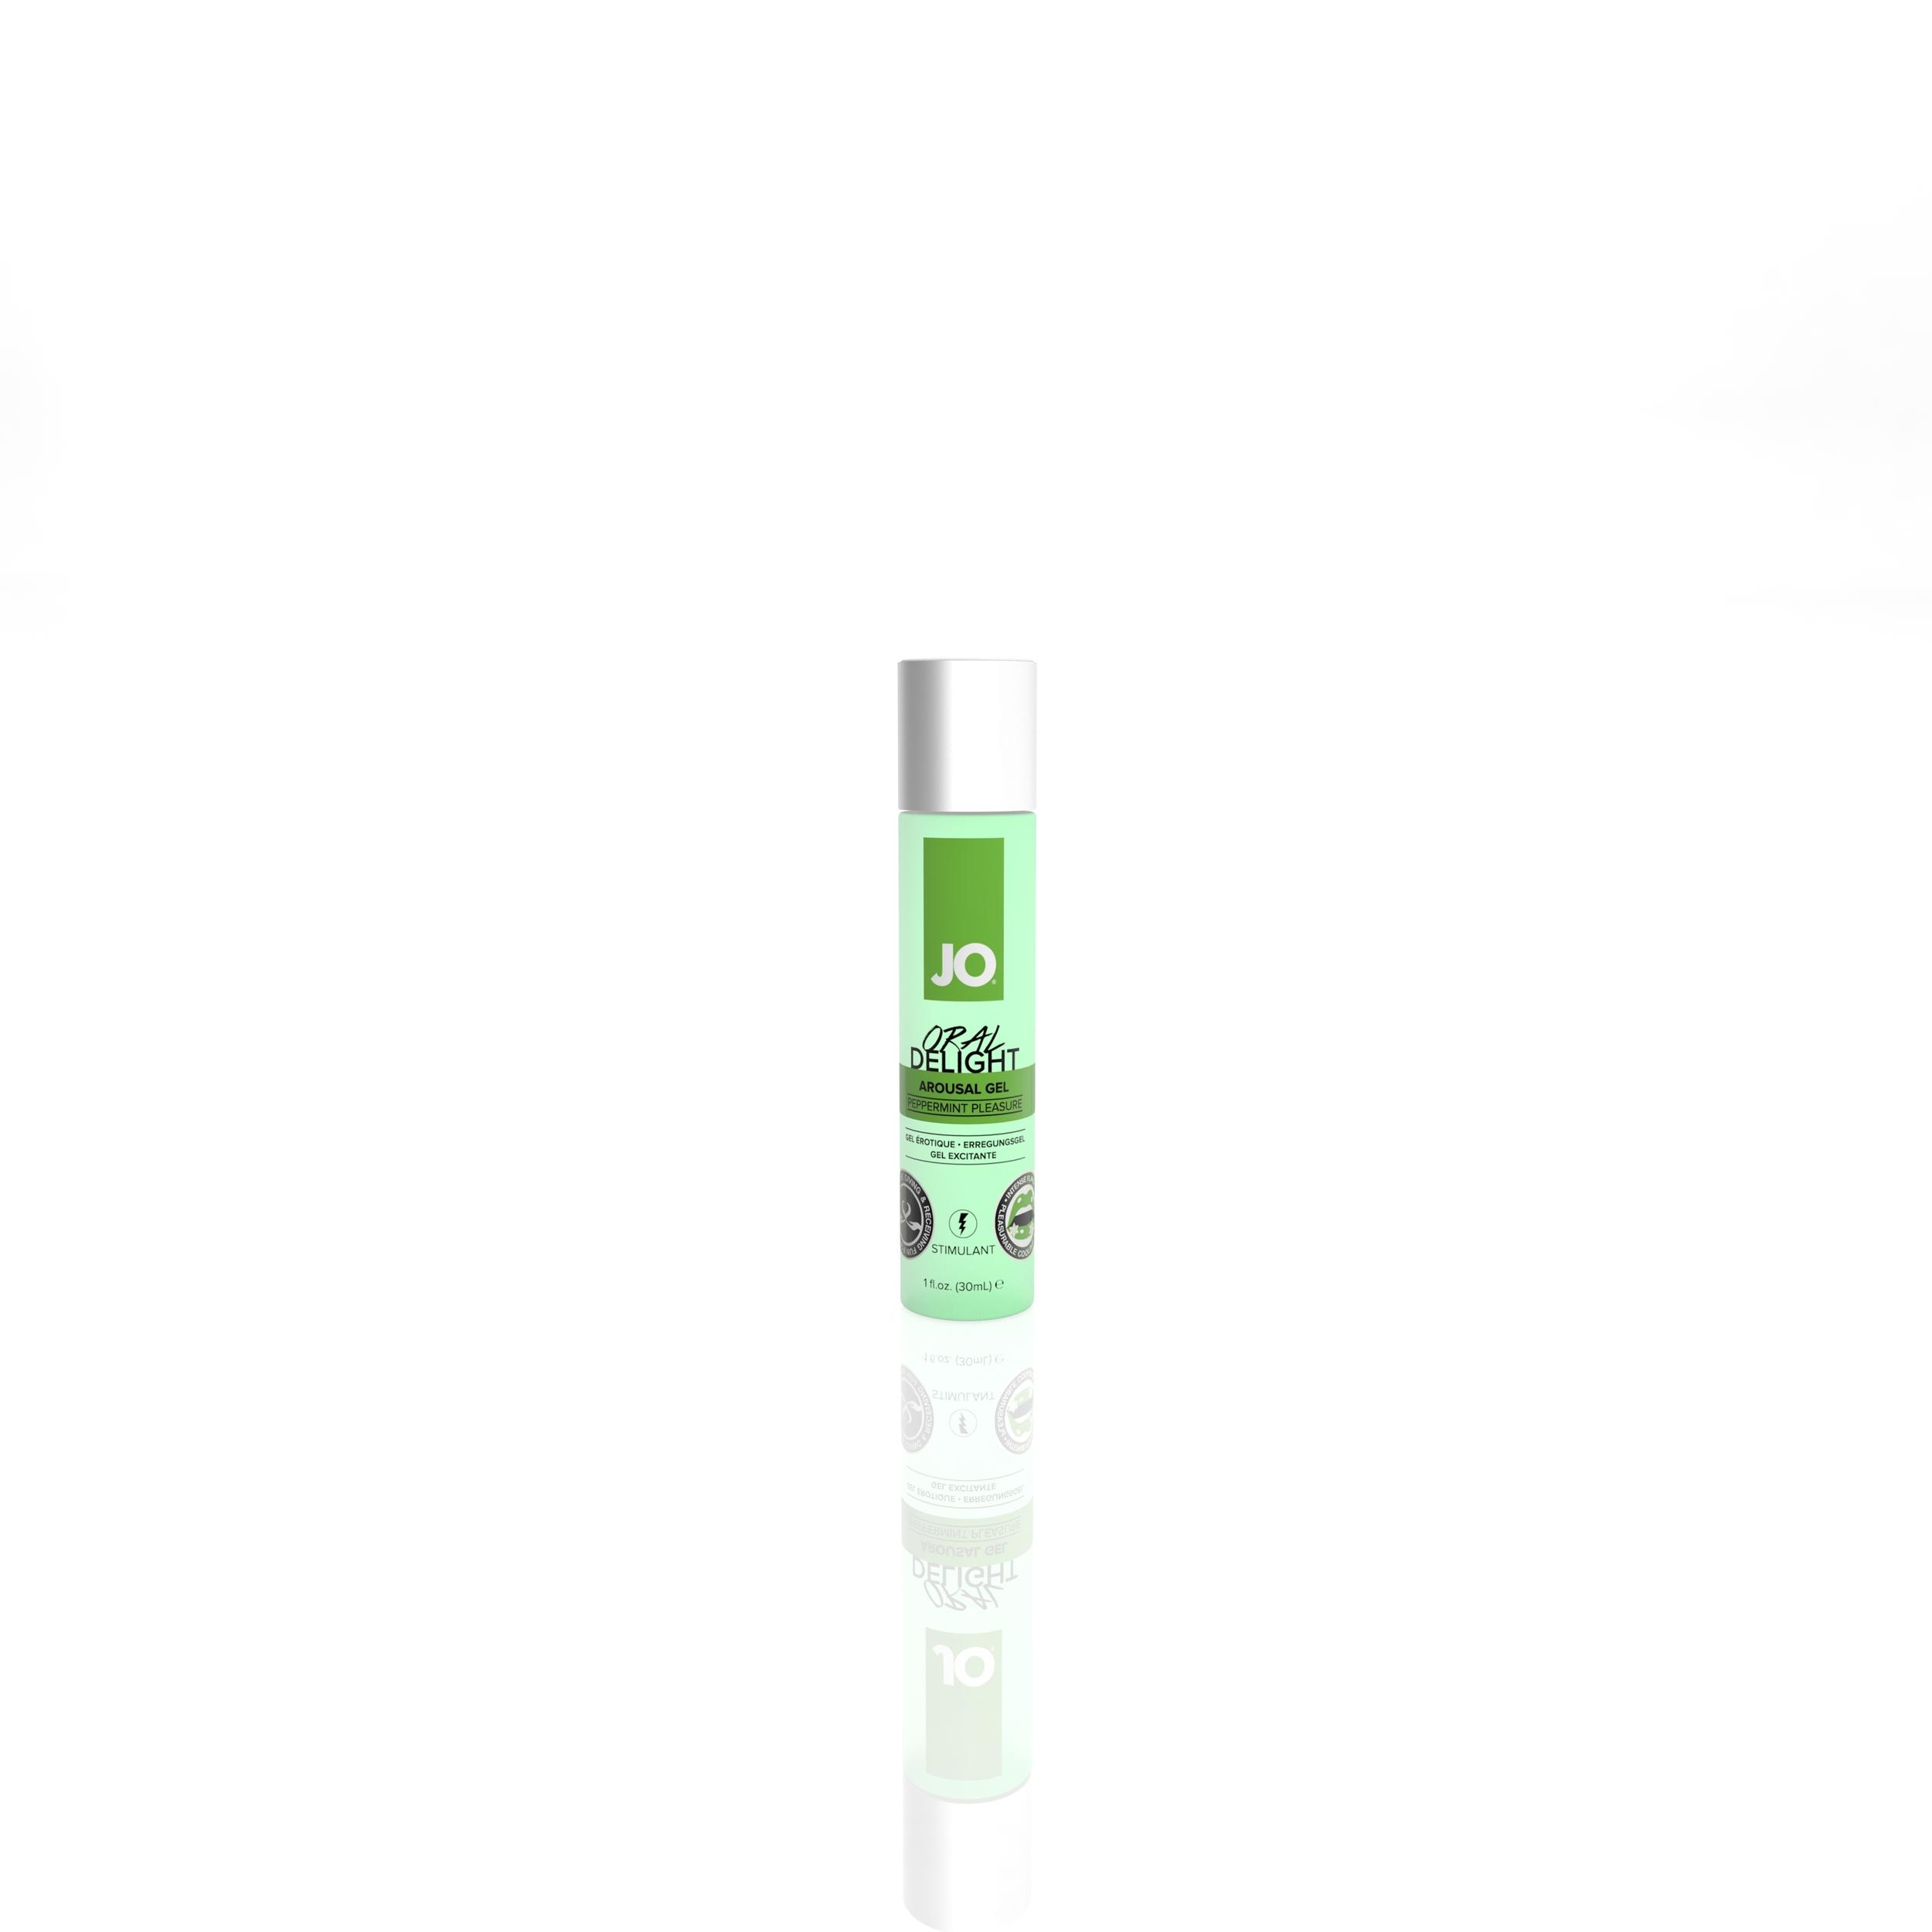 40482 - JO ORAL DELIGHT - PEPPERMINT PLEASURE - 1fl.oz 30mL Bottle.jpg